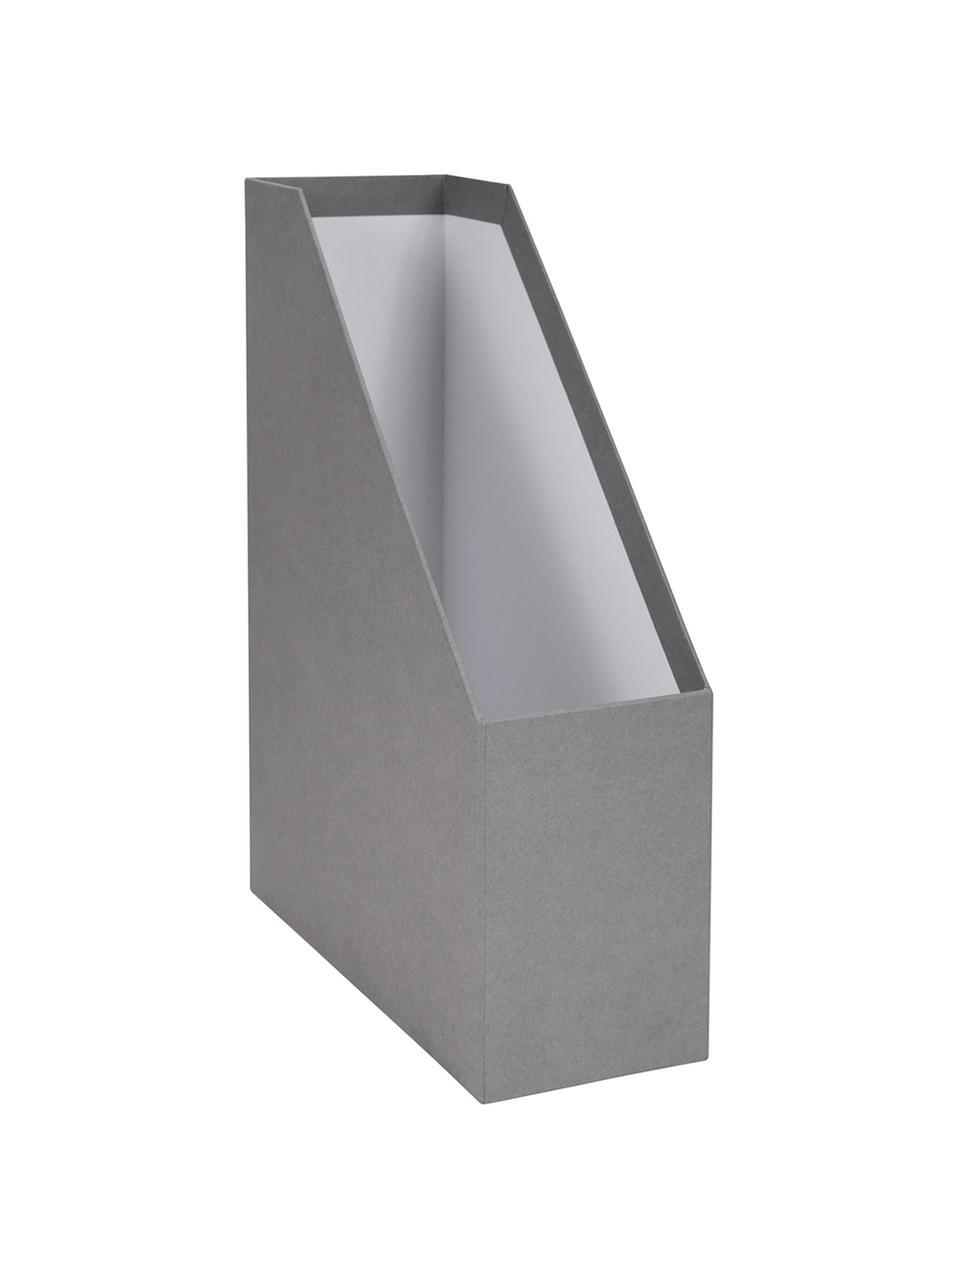 Portadocumenti Viktoria, Organizer: solido cartone laminato, Portadocumenti esterno: grigio chiaro Portadocumenti interno: bianco Scudo, Larg. 10 x Alt. 32 cm